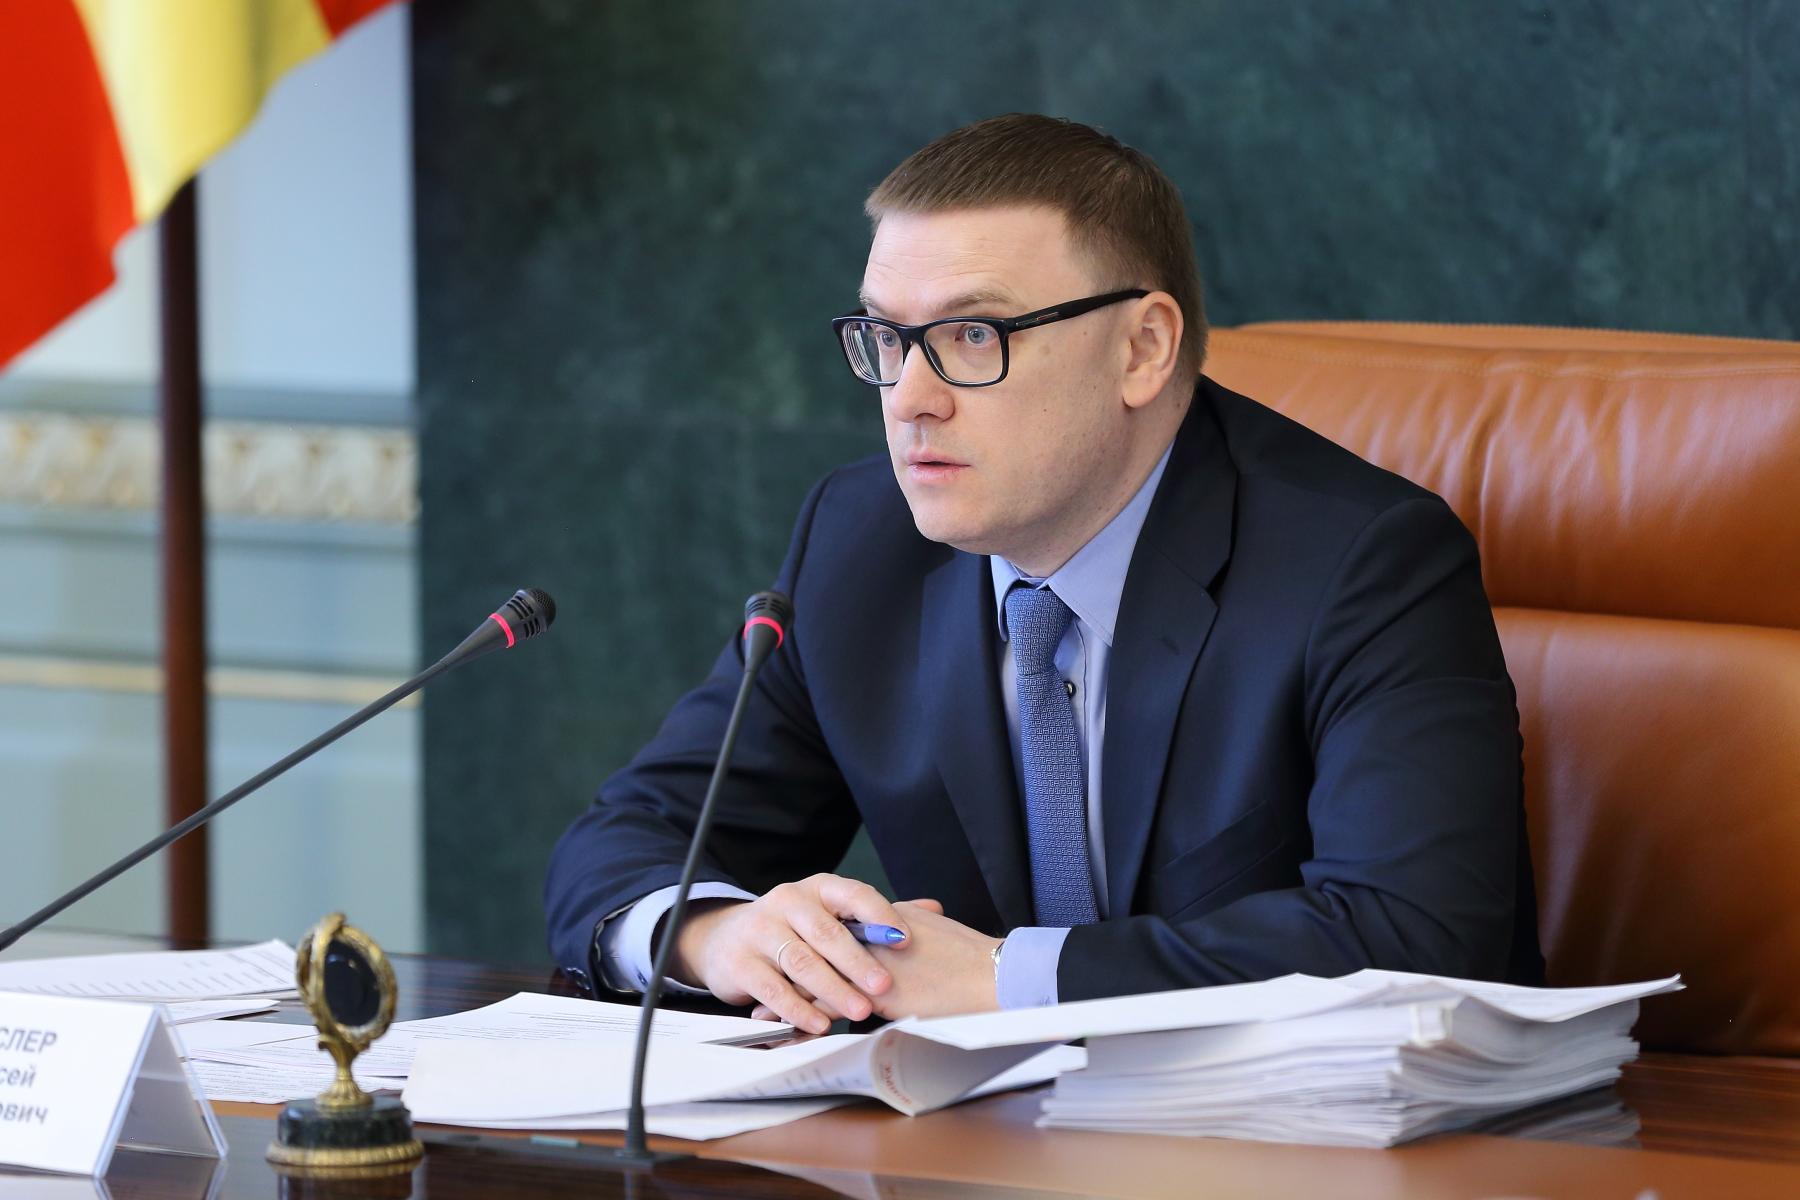 Временно исполняющий обязанности губернатора Челябинской области Алексей Текслер заверяет, что он